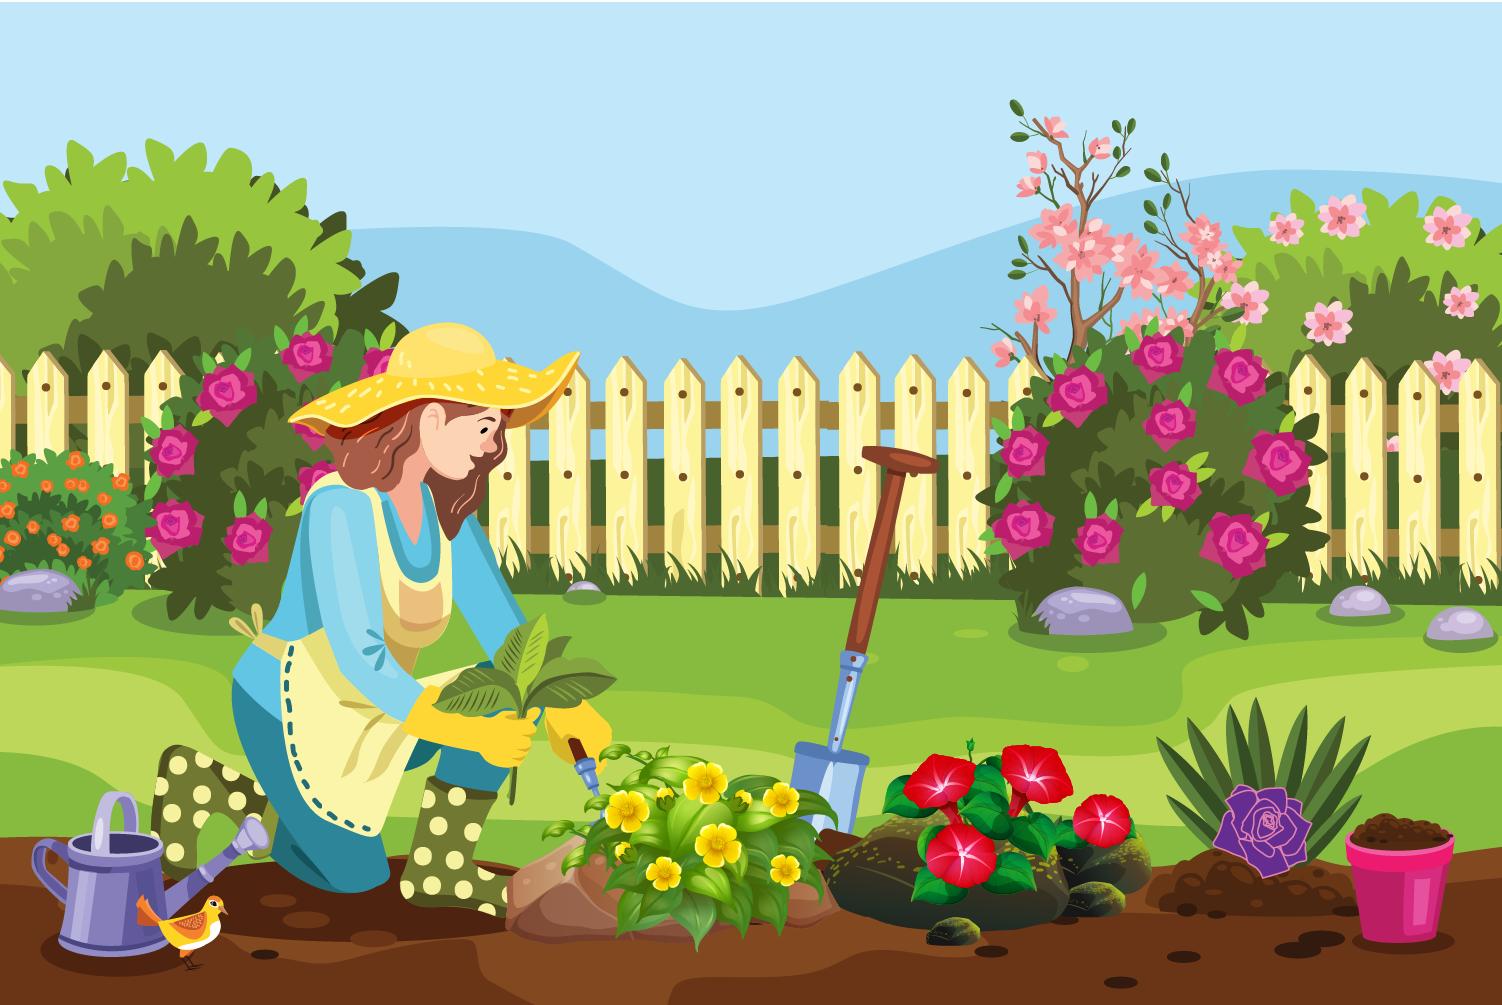 Flora loves growing flowers in her garden.